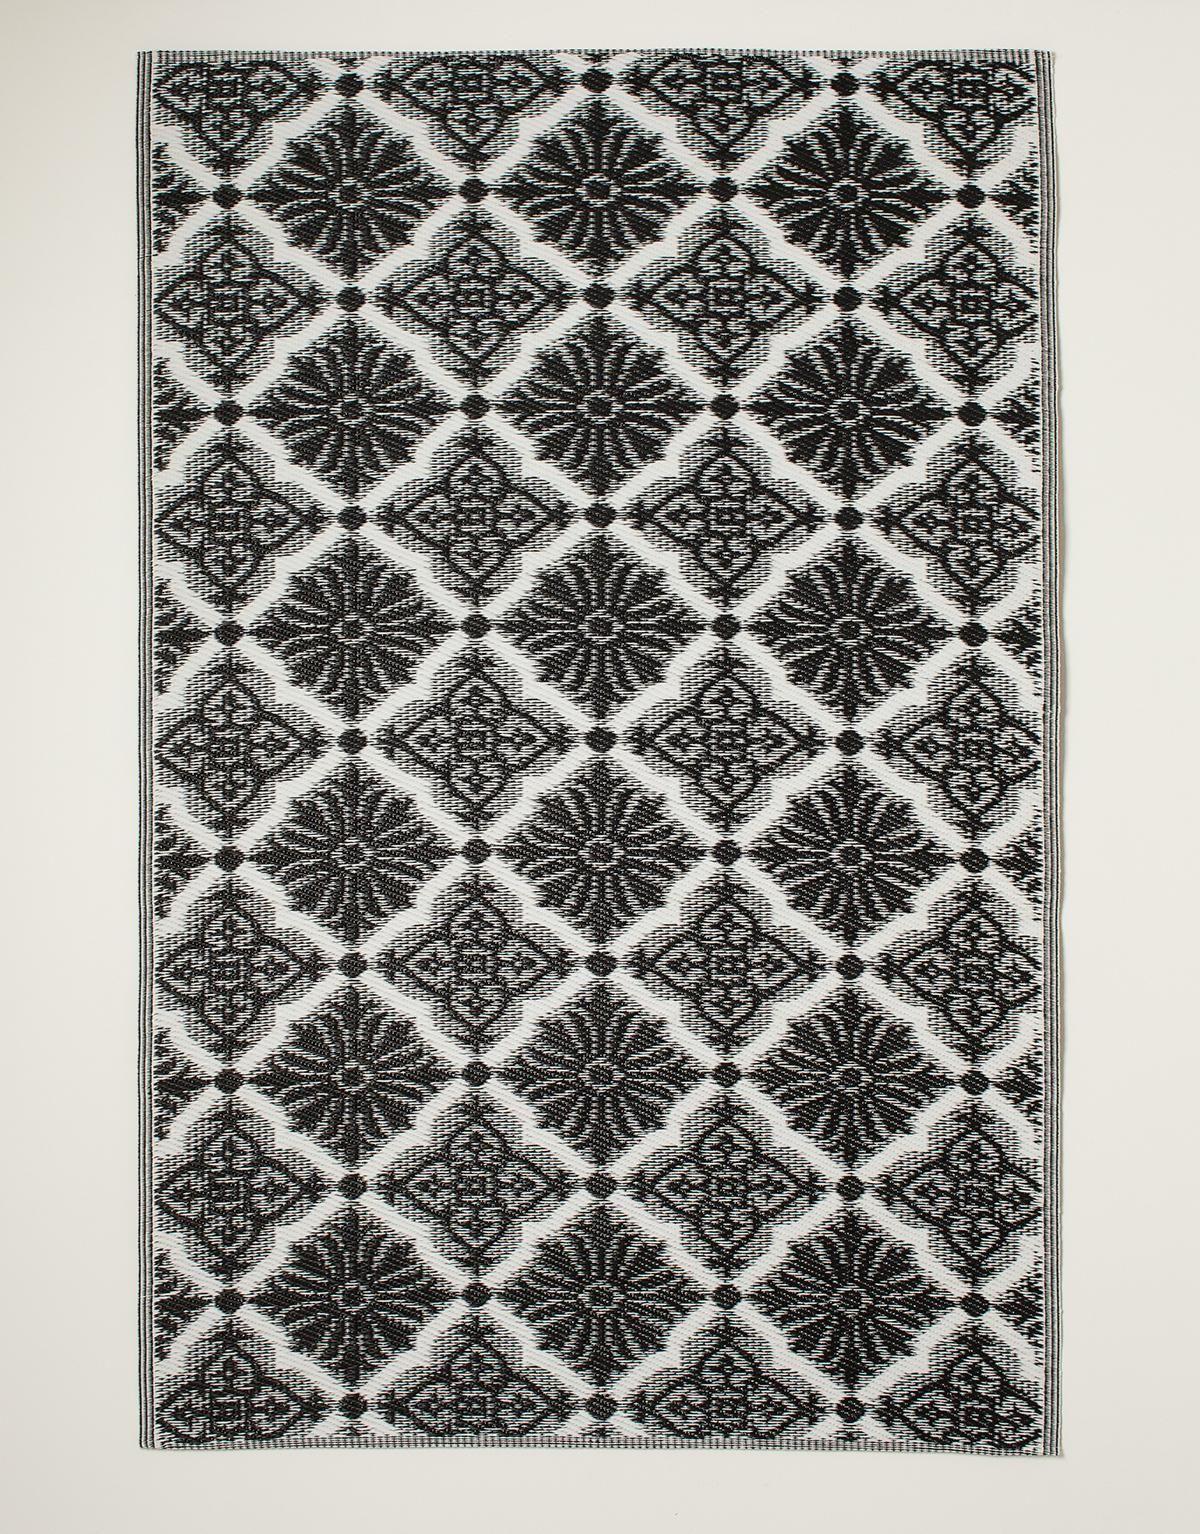 Matta i plast med grafiskt mönster. Denna matta gör sig perfekt på  balkongen eller altanen och förhöjer känslan av rum. Indiska 8ae419ae96b4e